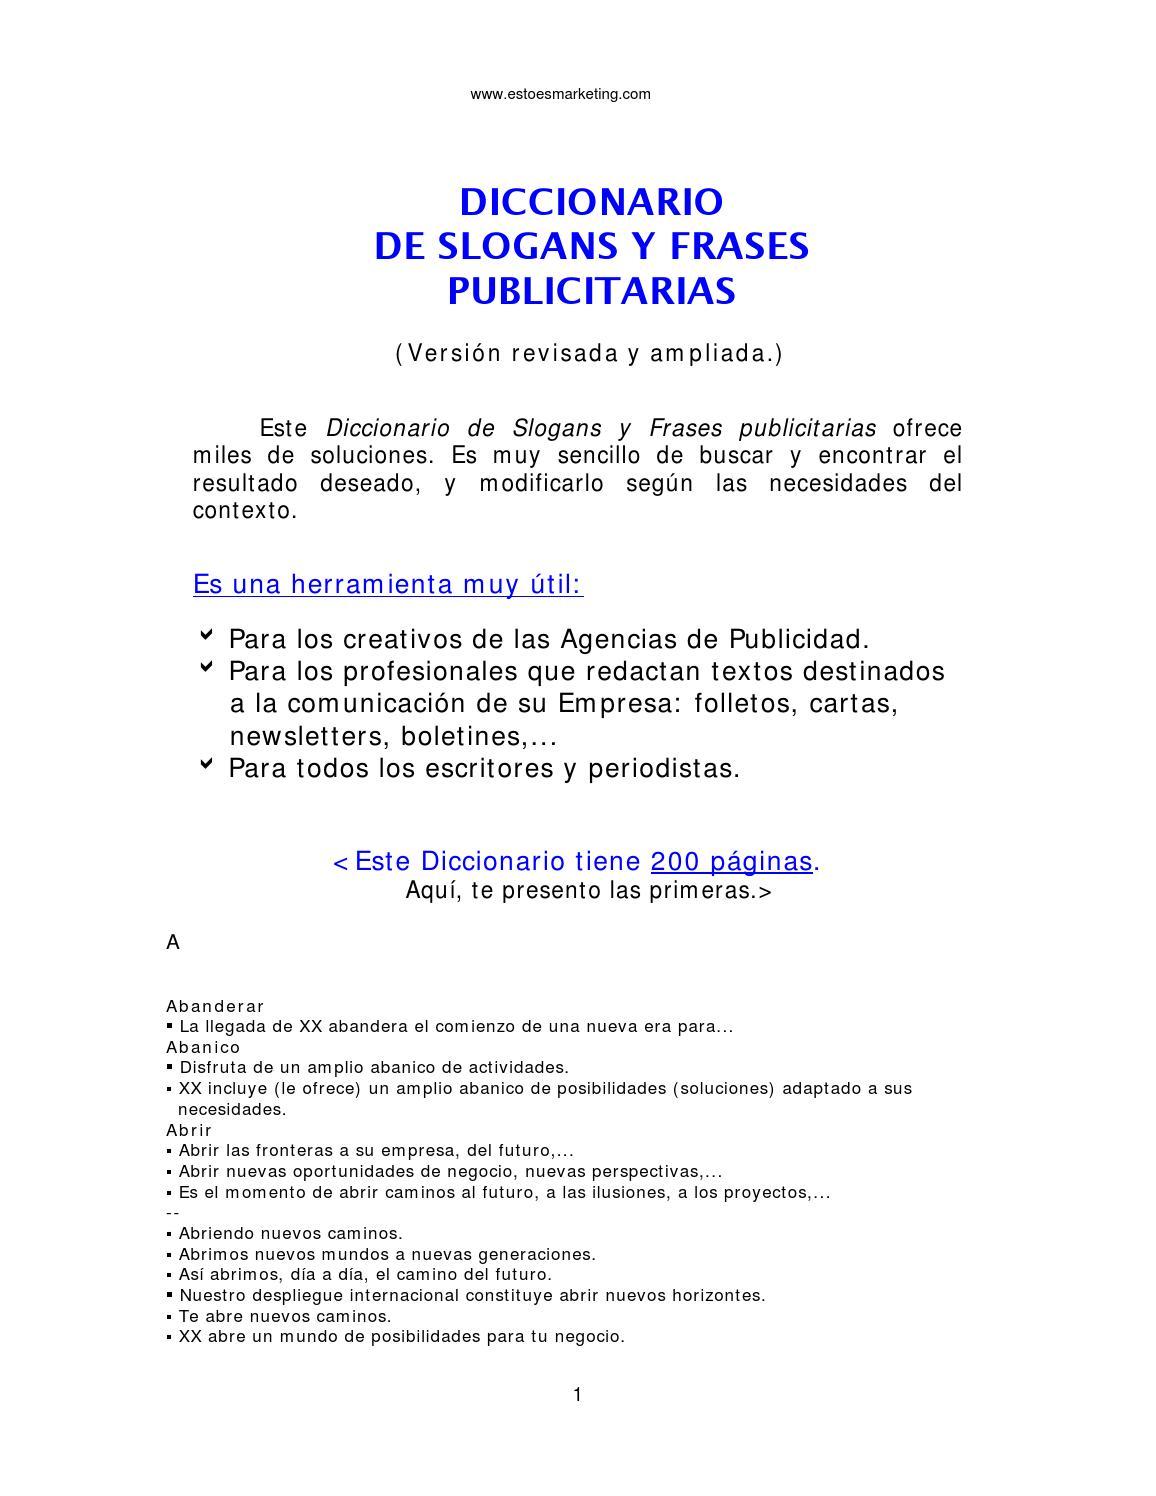 Diccionario Frases Publicitarias By Jose Luis Canales Issuu